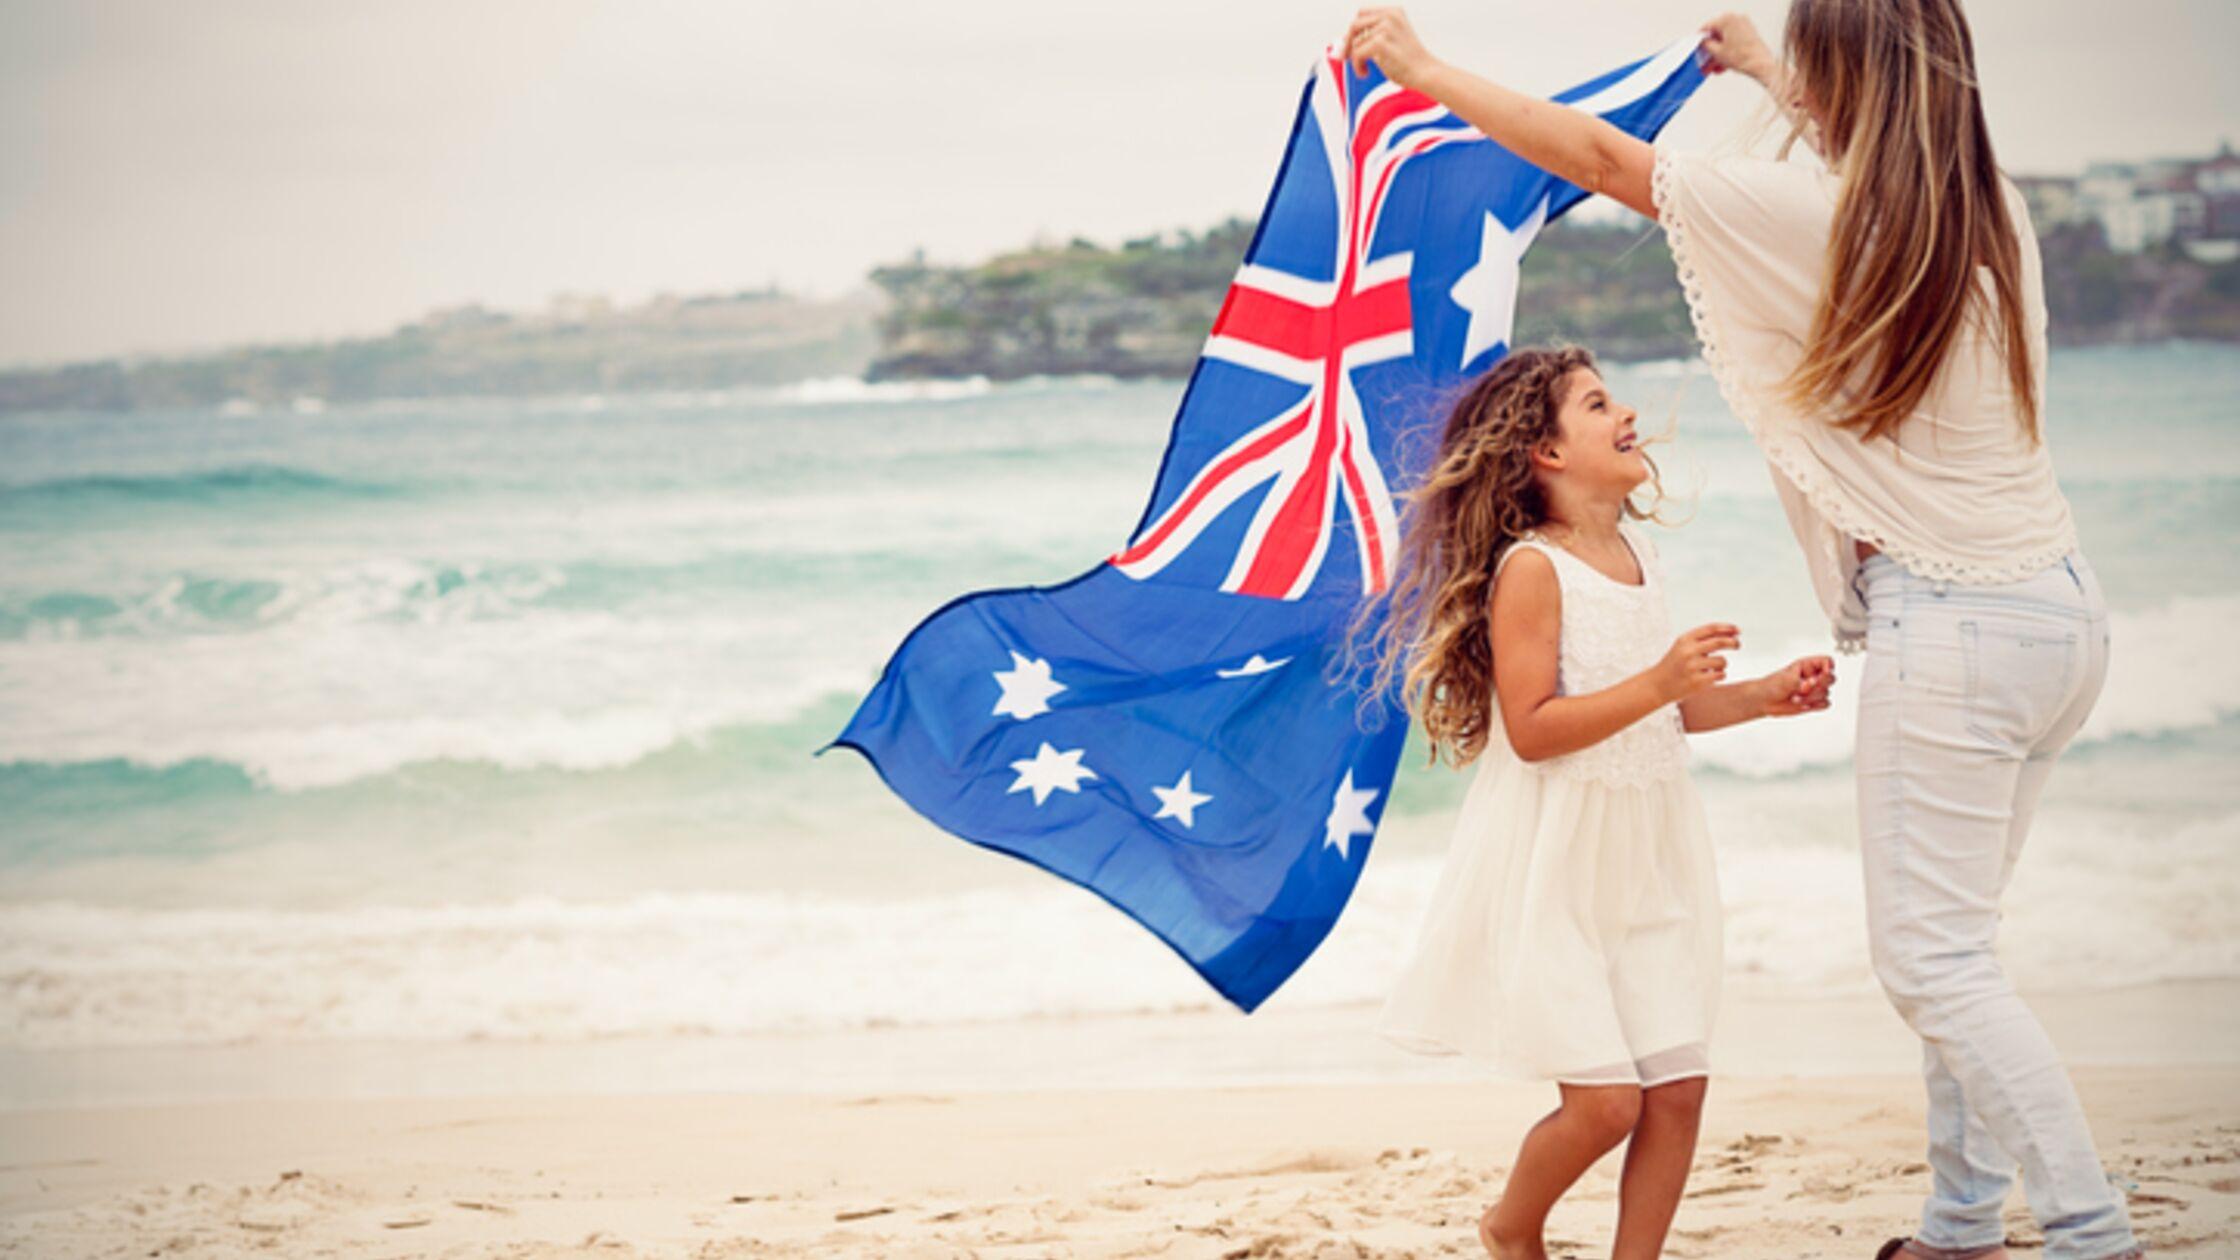 Frau und Tochter mit Australienflagge am Strand